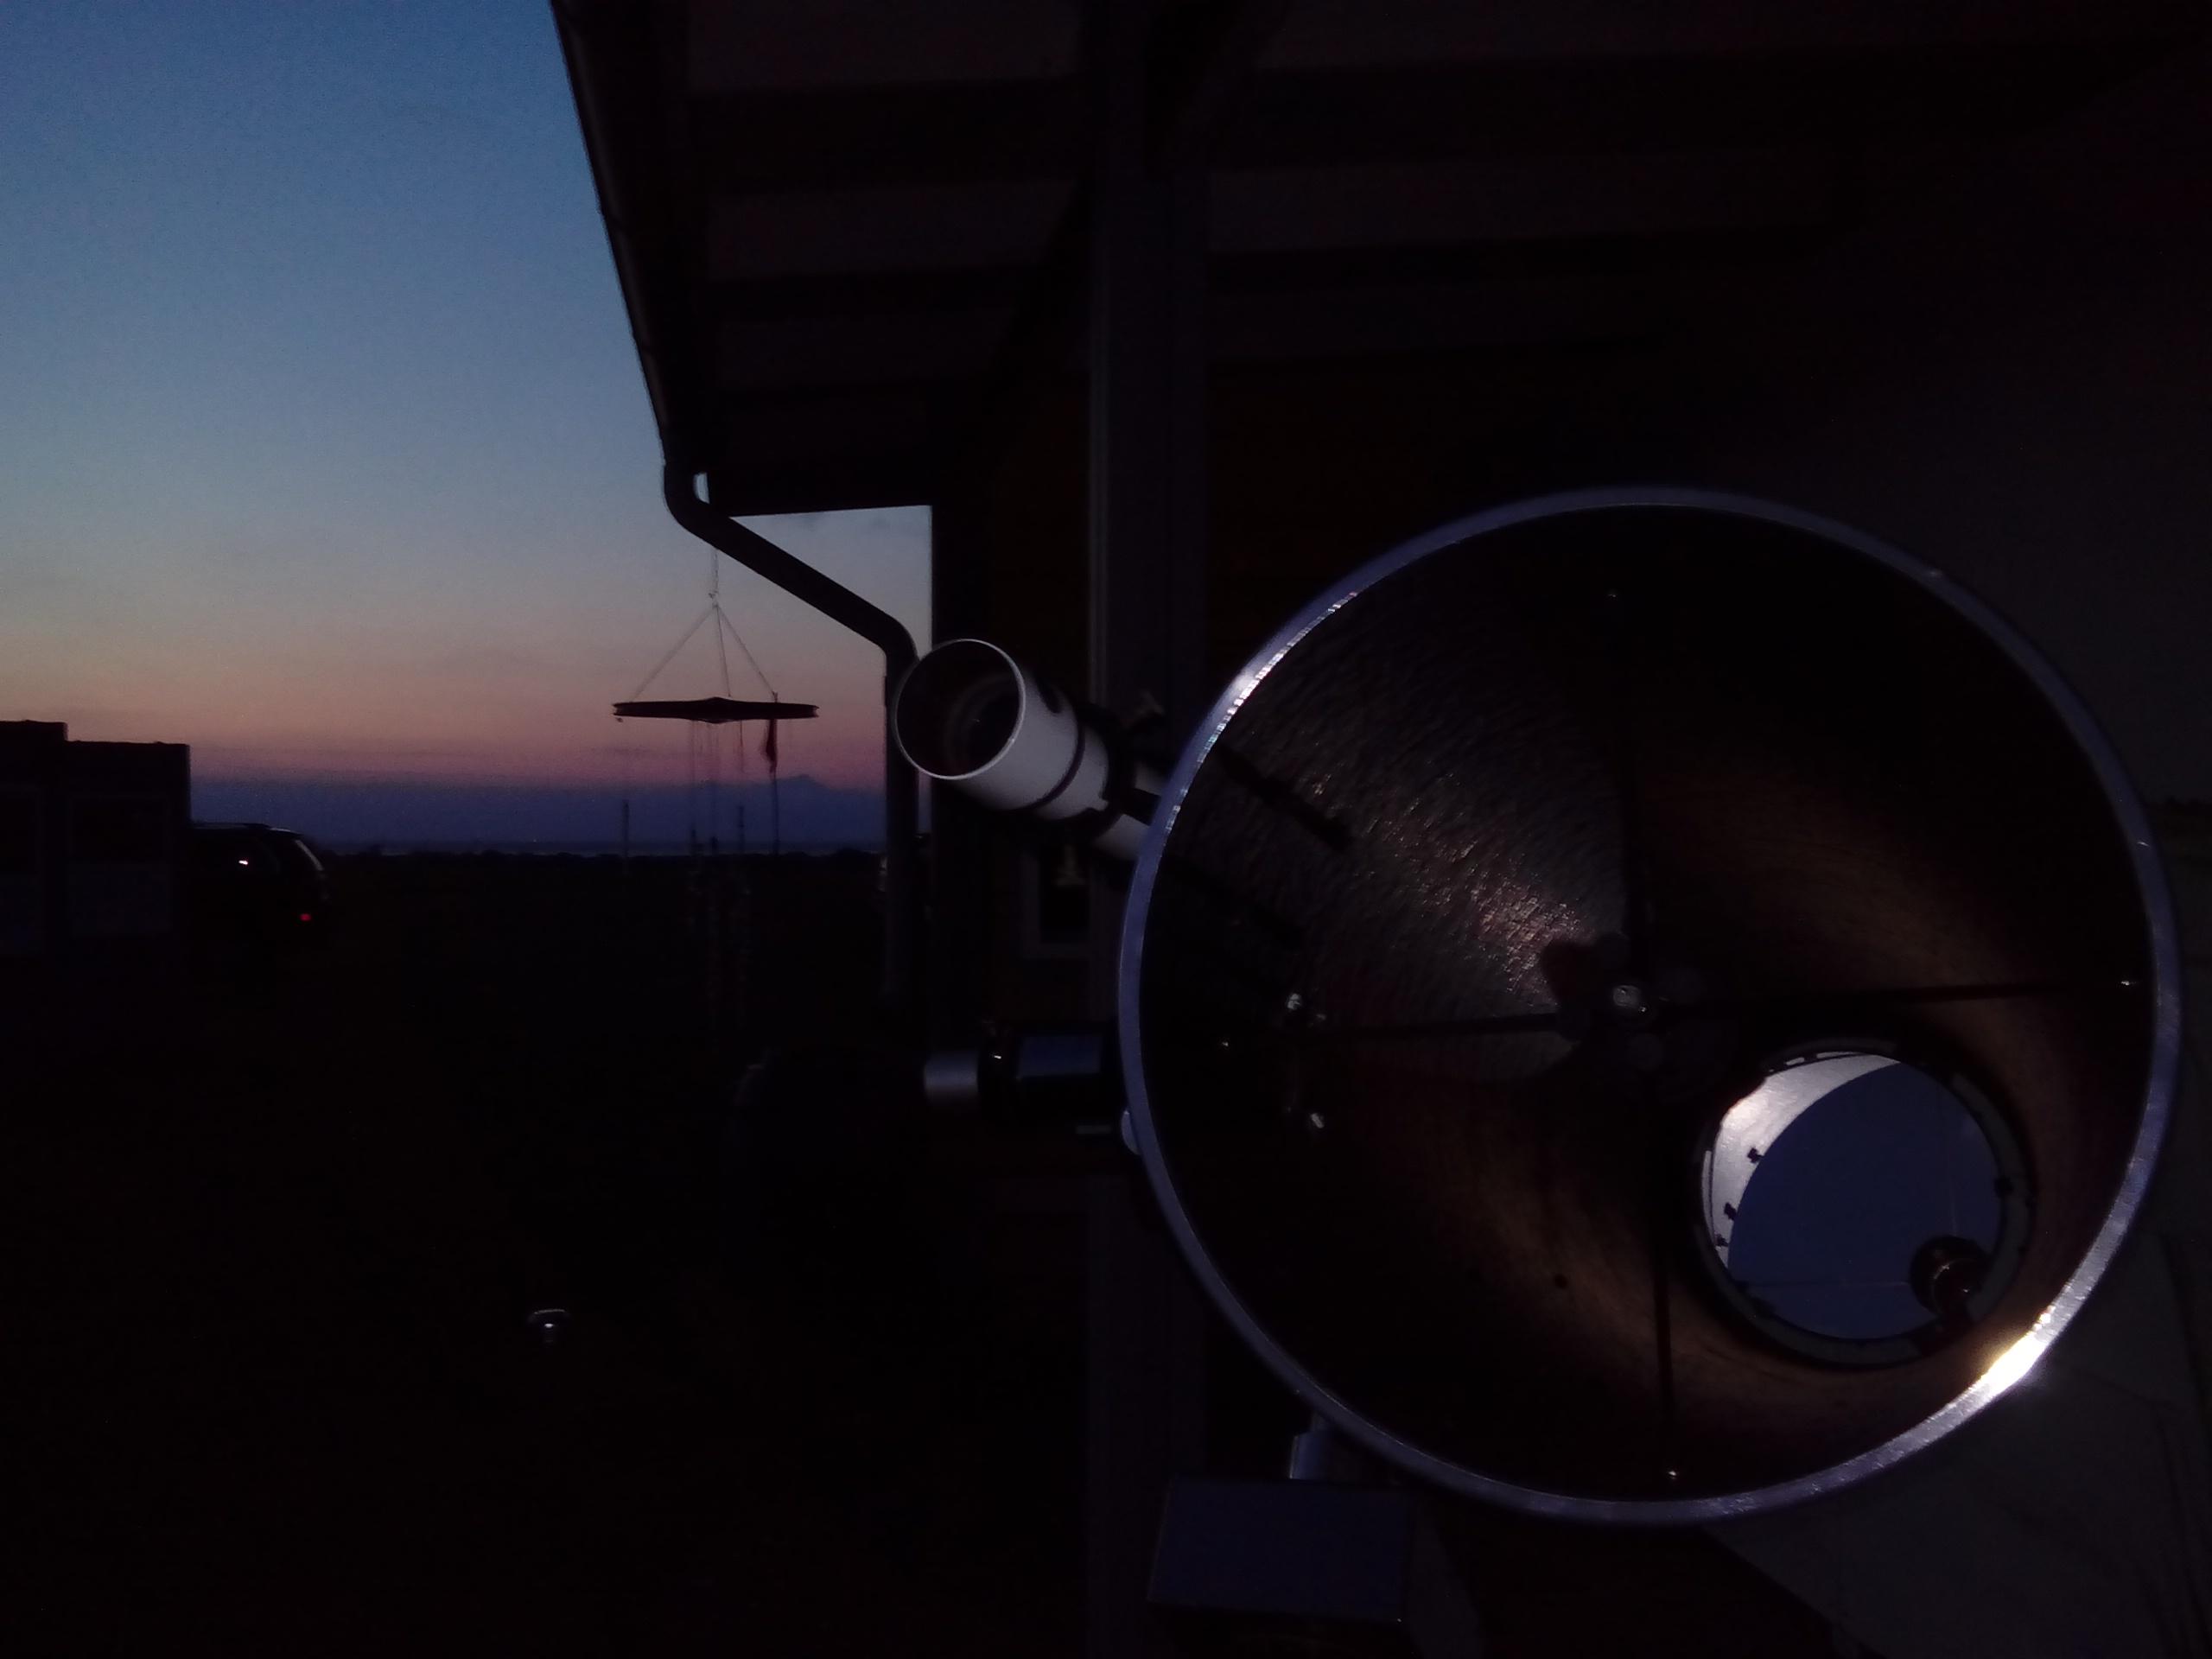 Forskarsfredag den 29.9.2017 på Station Linné på södra Öland - Upp emot 100 gäster studerade månen genom det stora teleskopet.